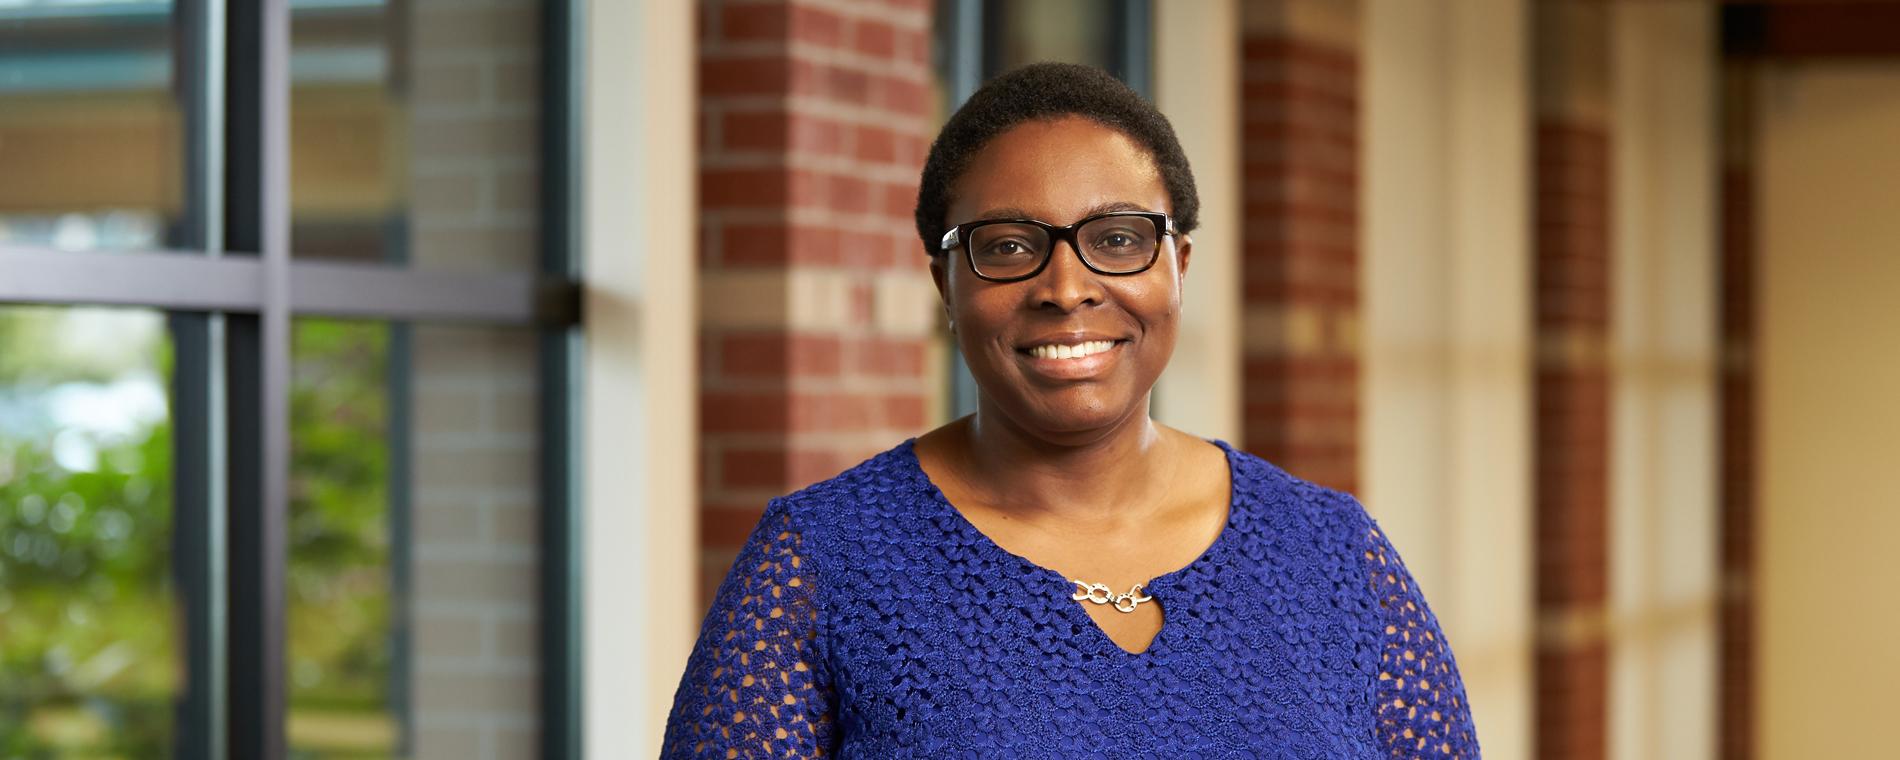 Choolwe Virginia Mupunga, FNP-BC